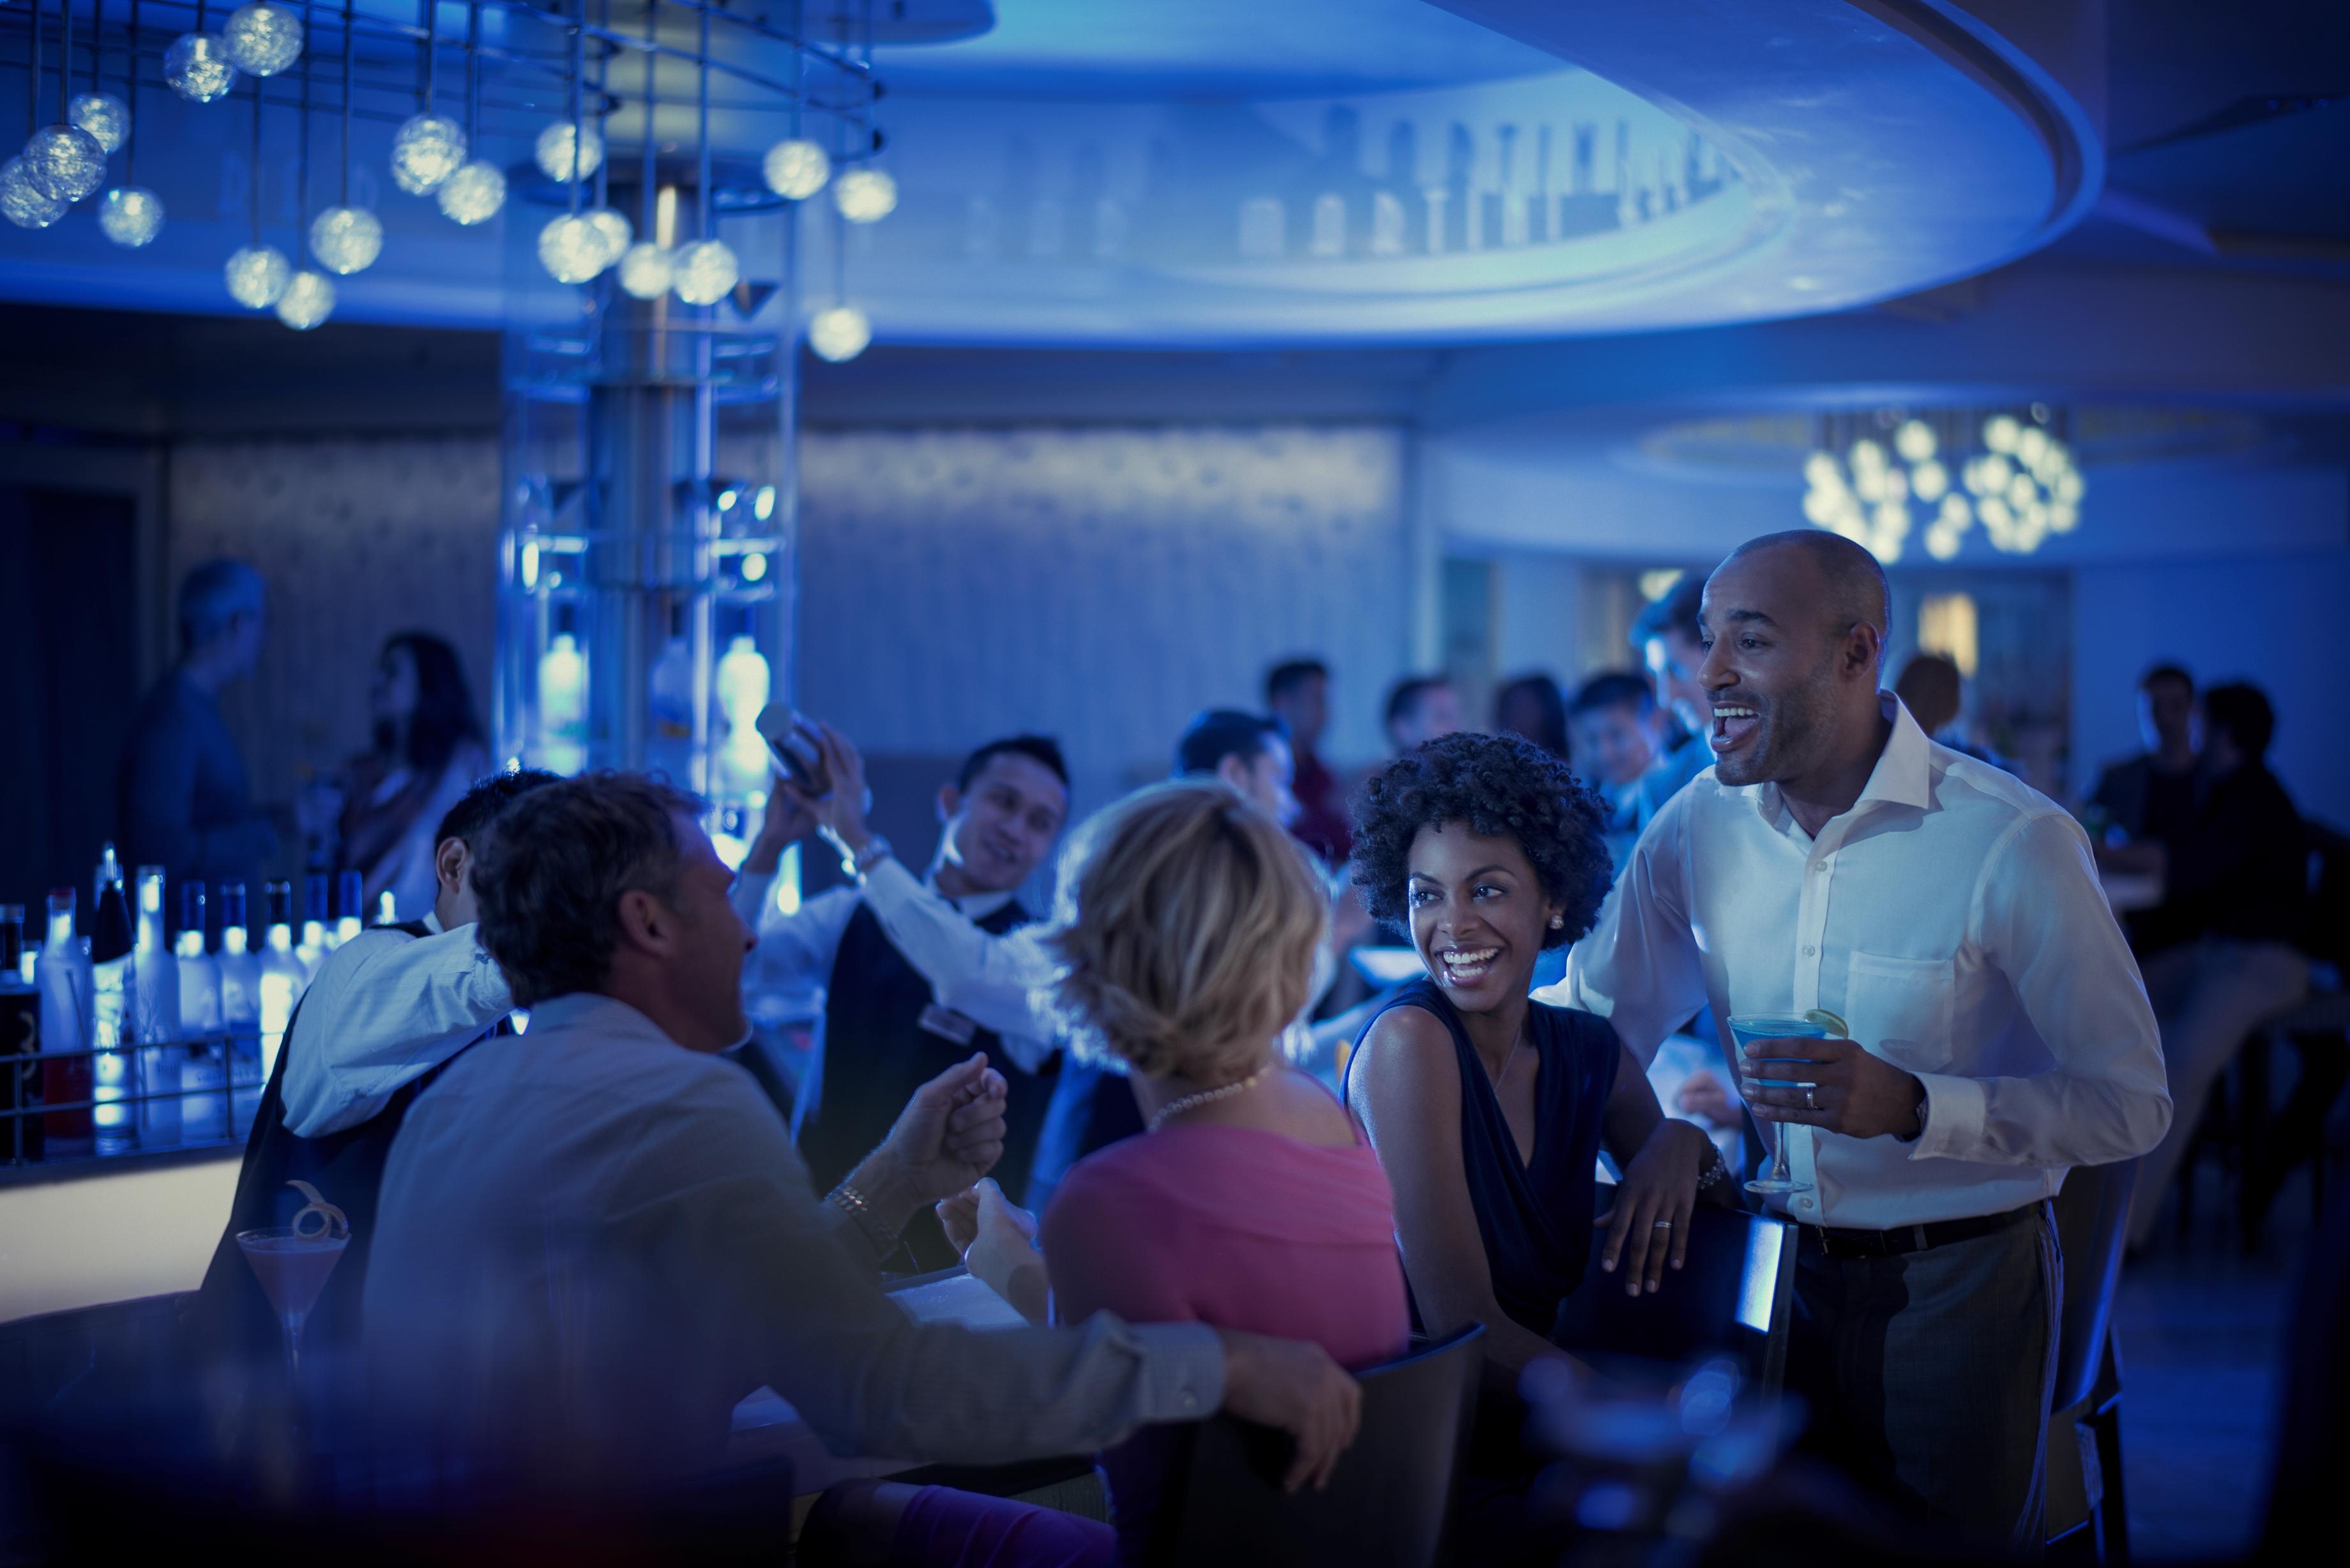 celebrity cruises celebrtisy equinox martini bar and crush.jpg